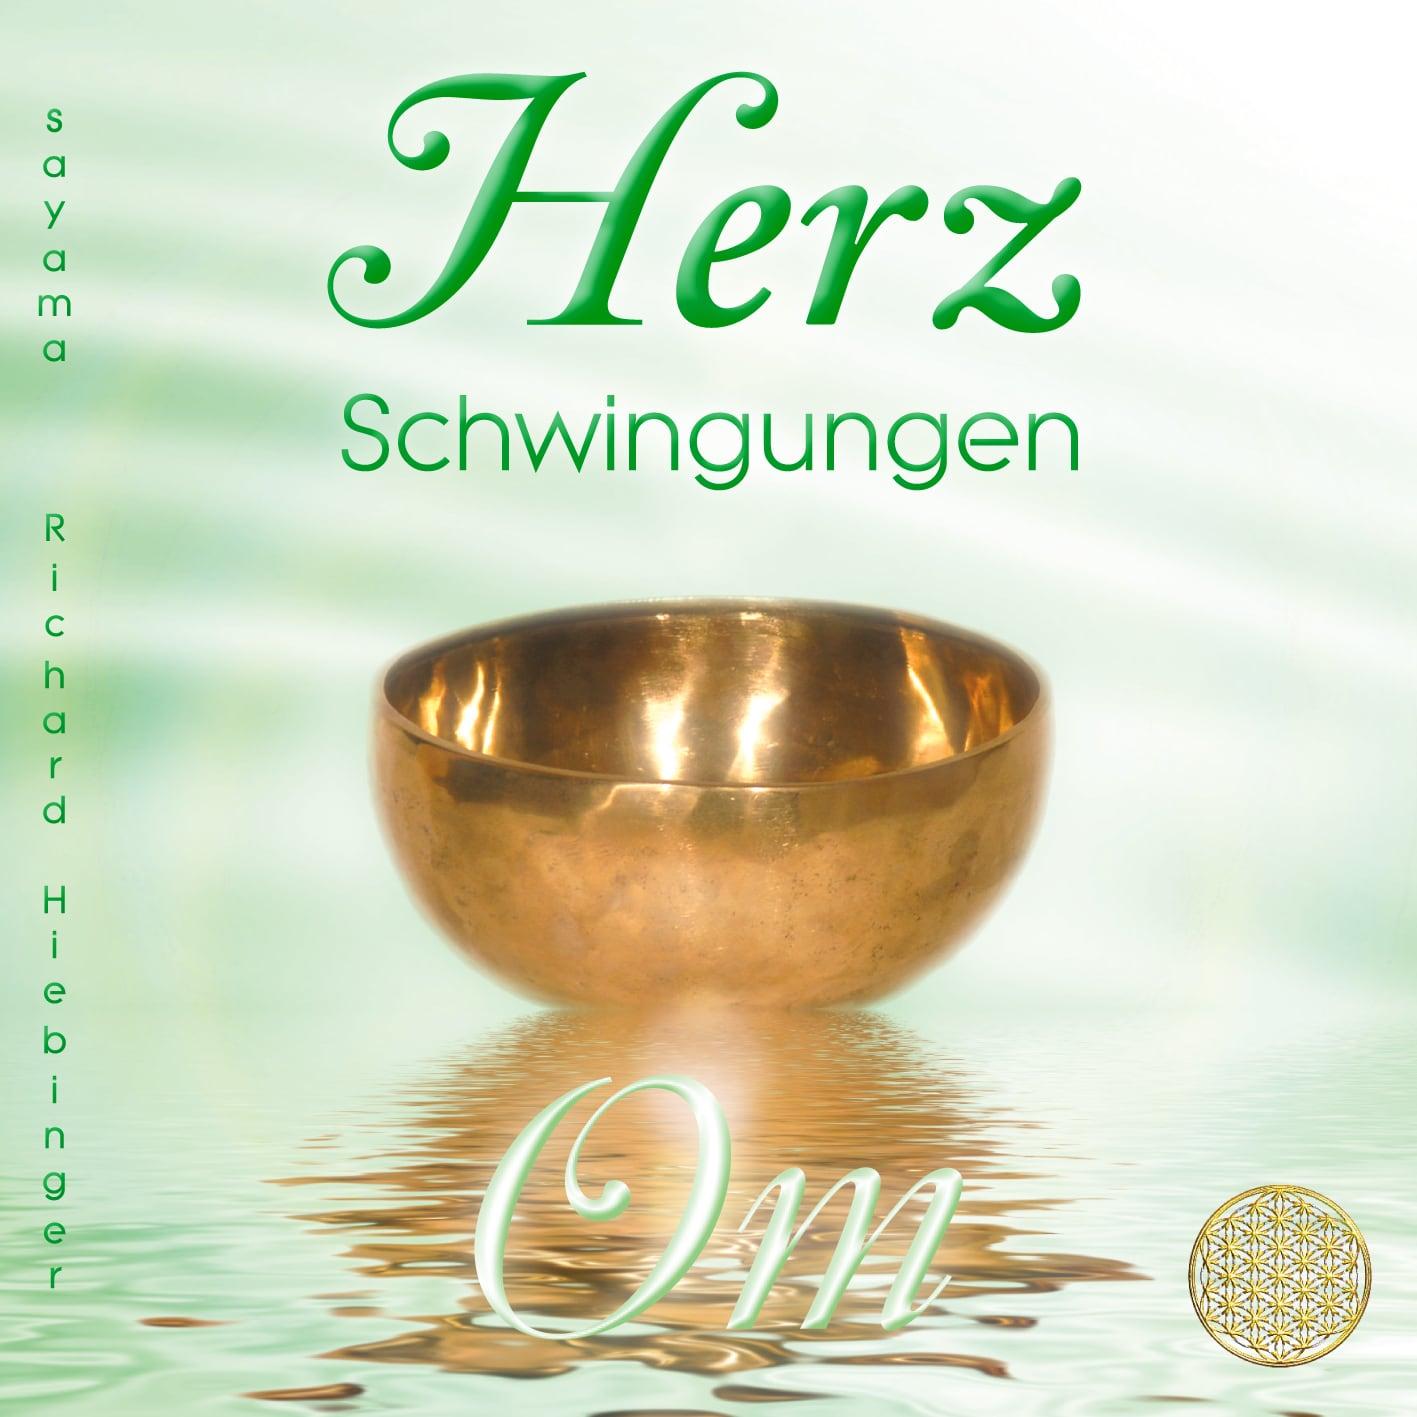 CD Titelbild Herzschwingungen Om von Sayama Music Richard Hiebinger. https://www.sayama-music.de/cds/herzschwingungen-om/